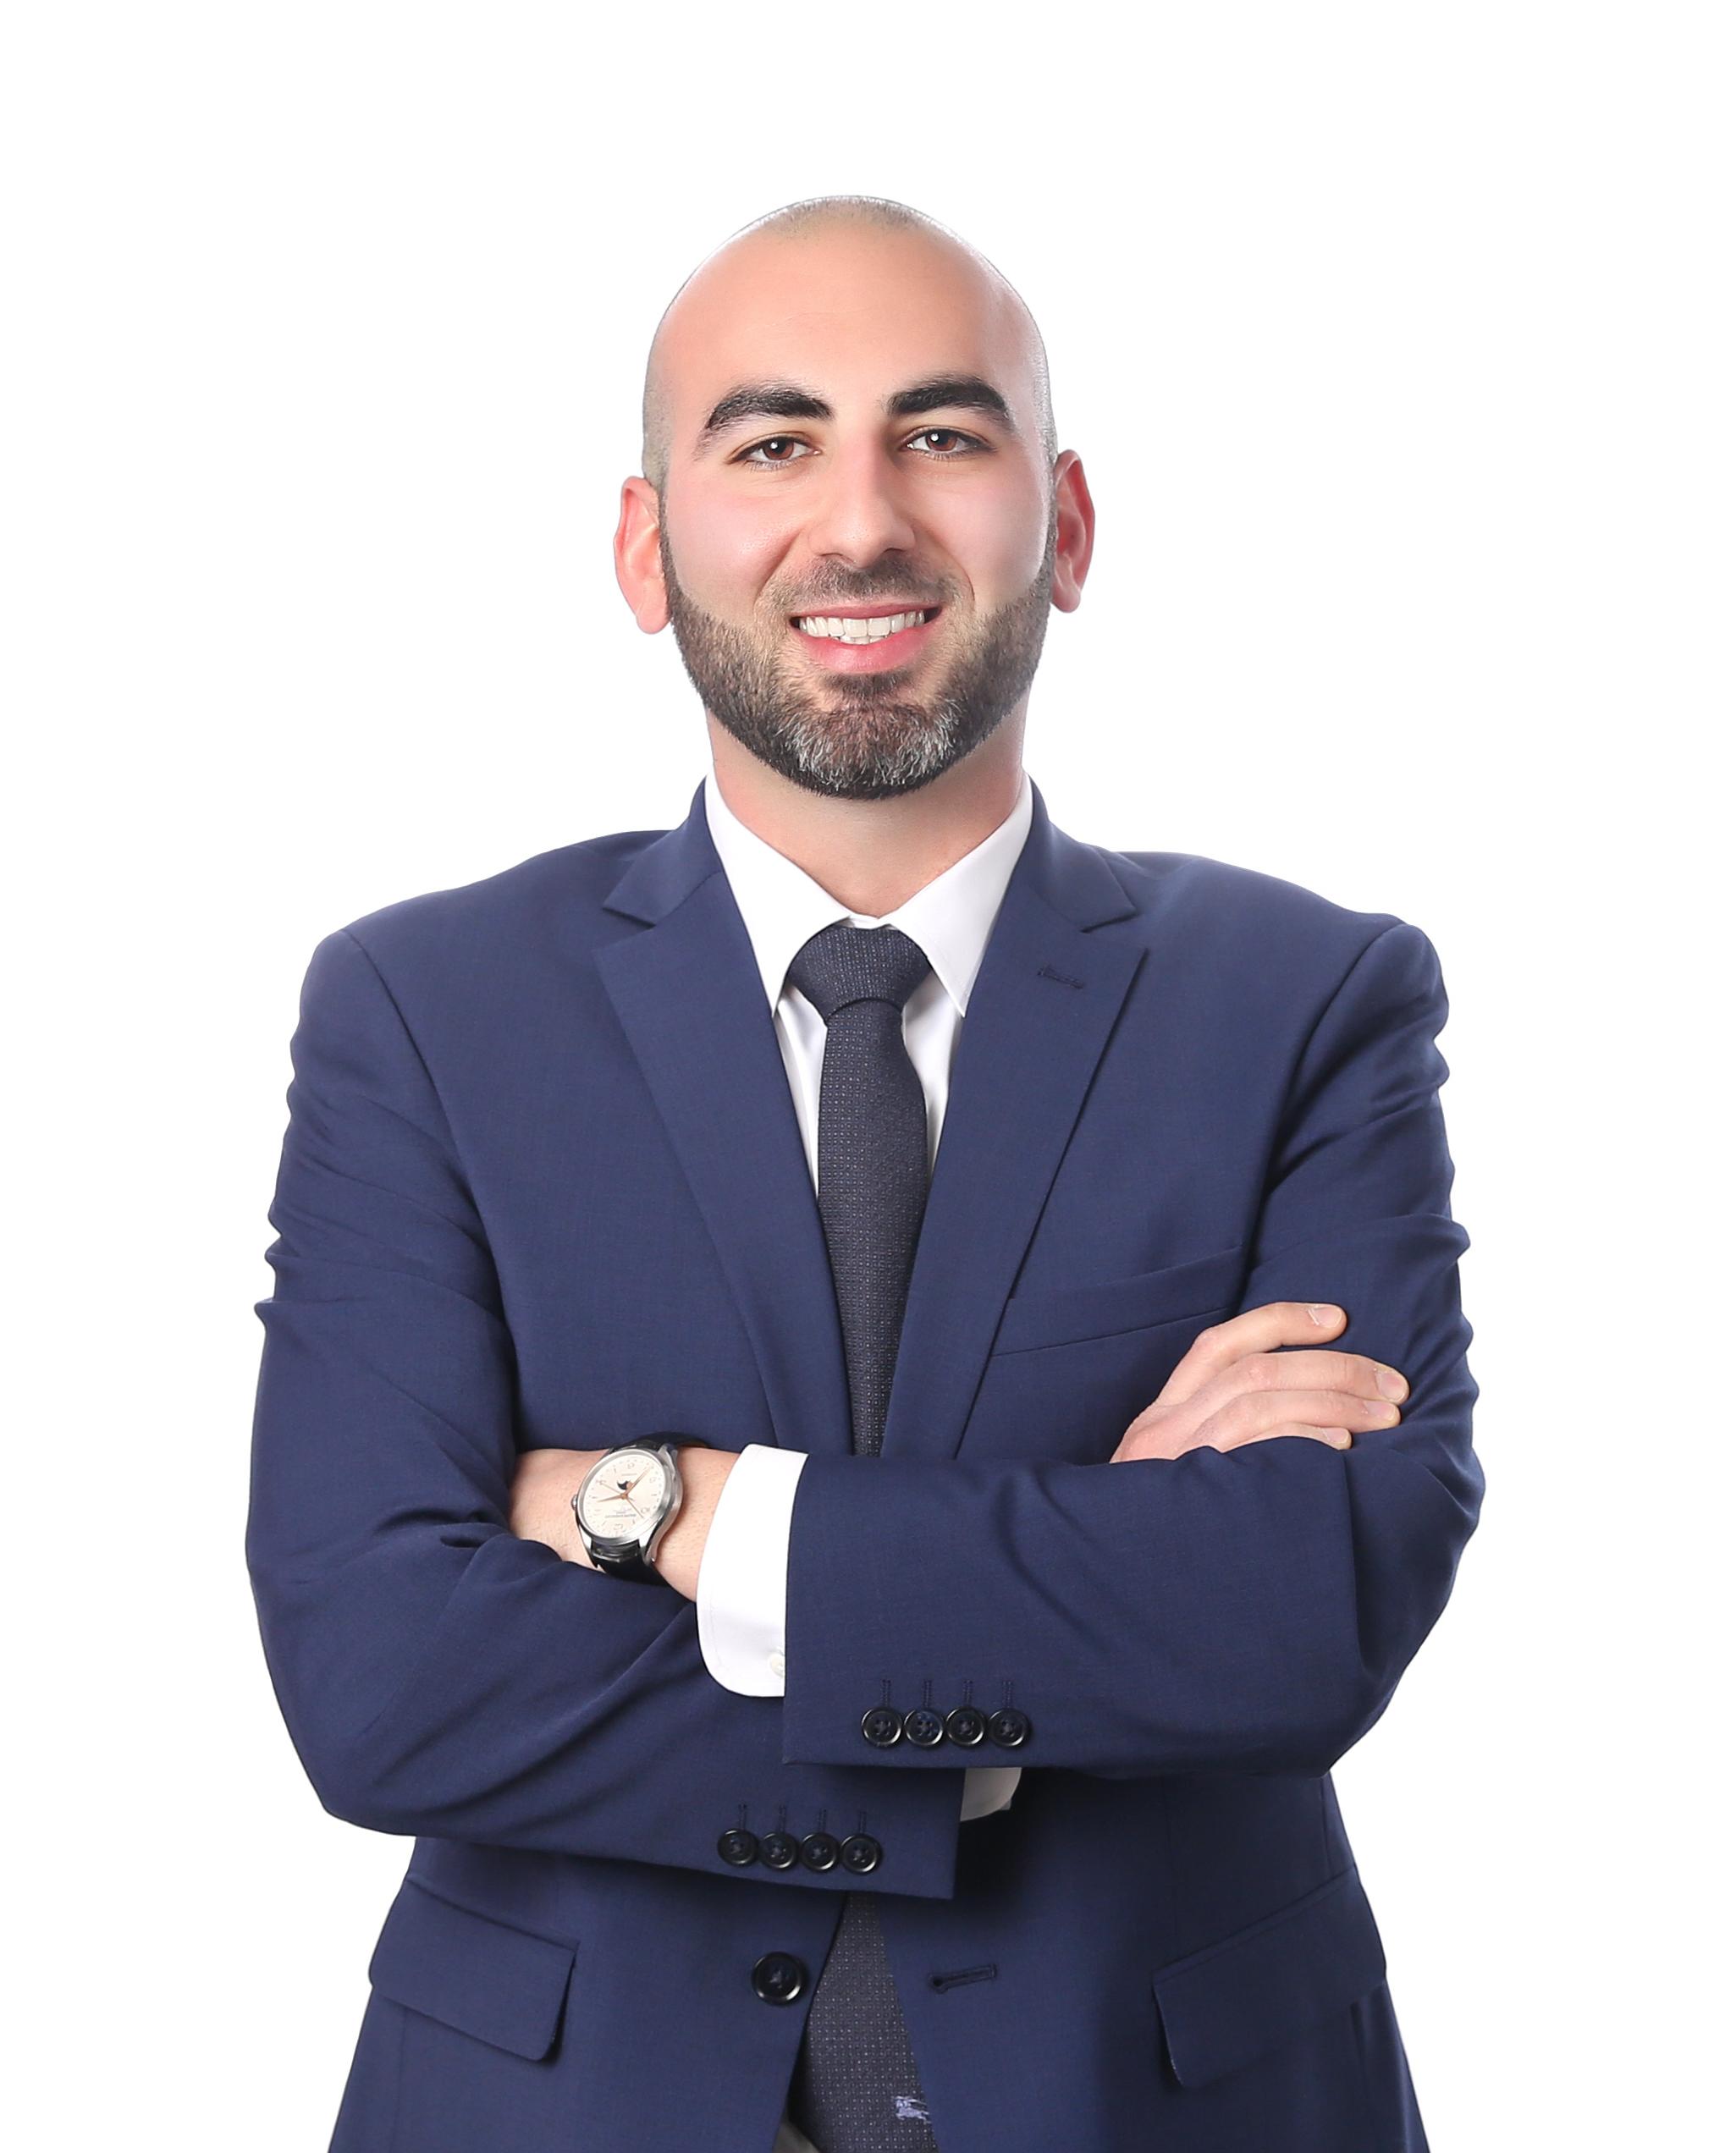 Alain Babaian - 818.839.0443